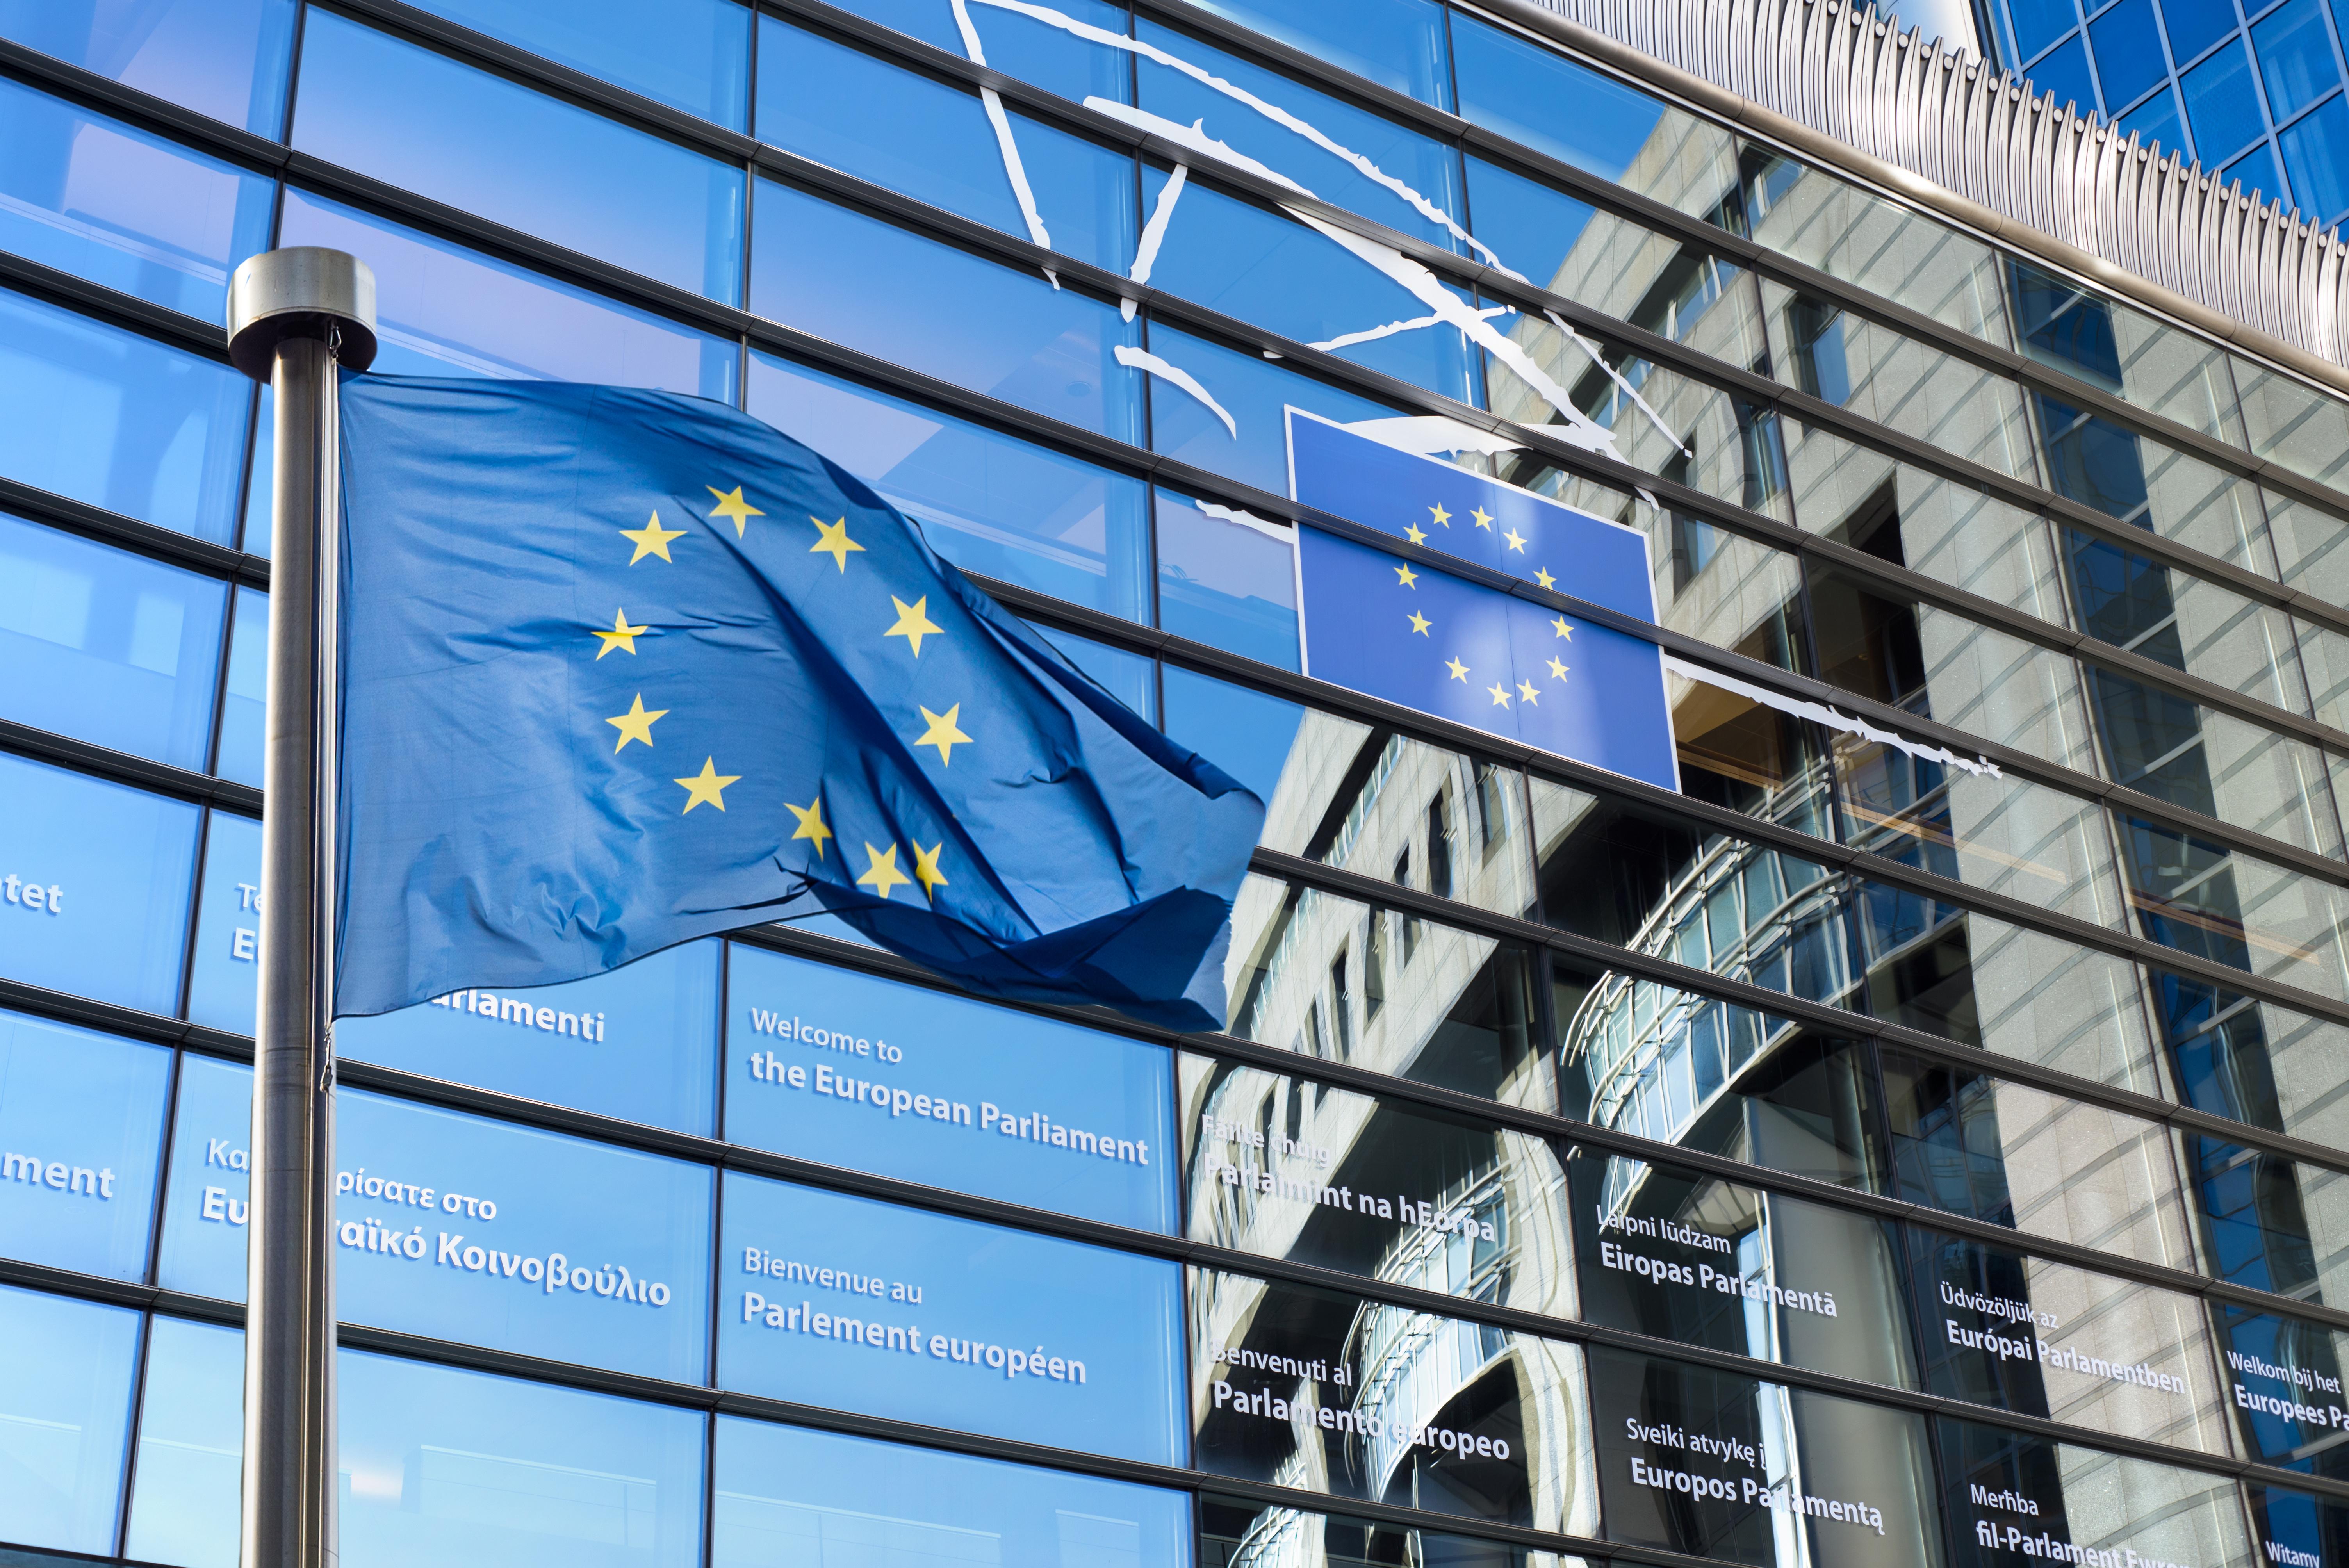 Consiliul UE: Președinția și Parlamentul european au convenit asupra unui nou cadru de reglementare și de supraveghere pentru firmele de investiții